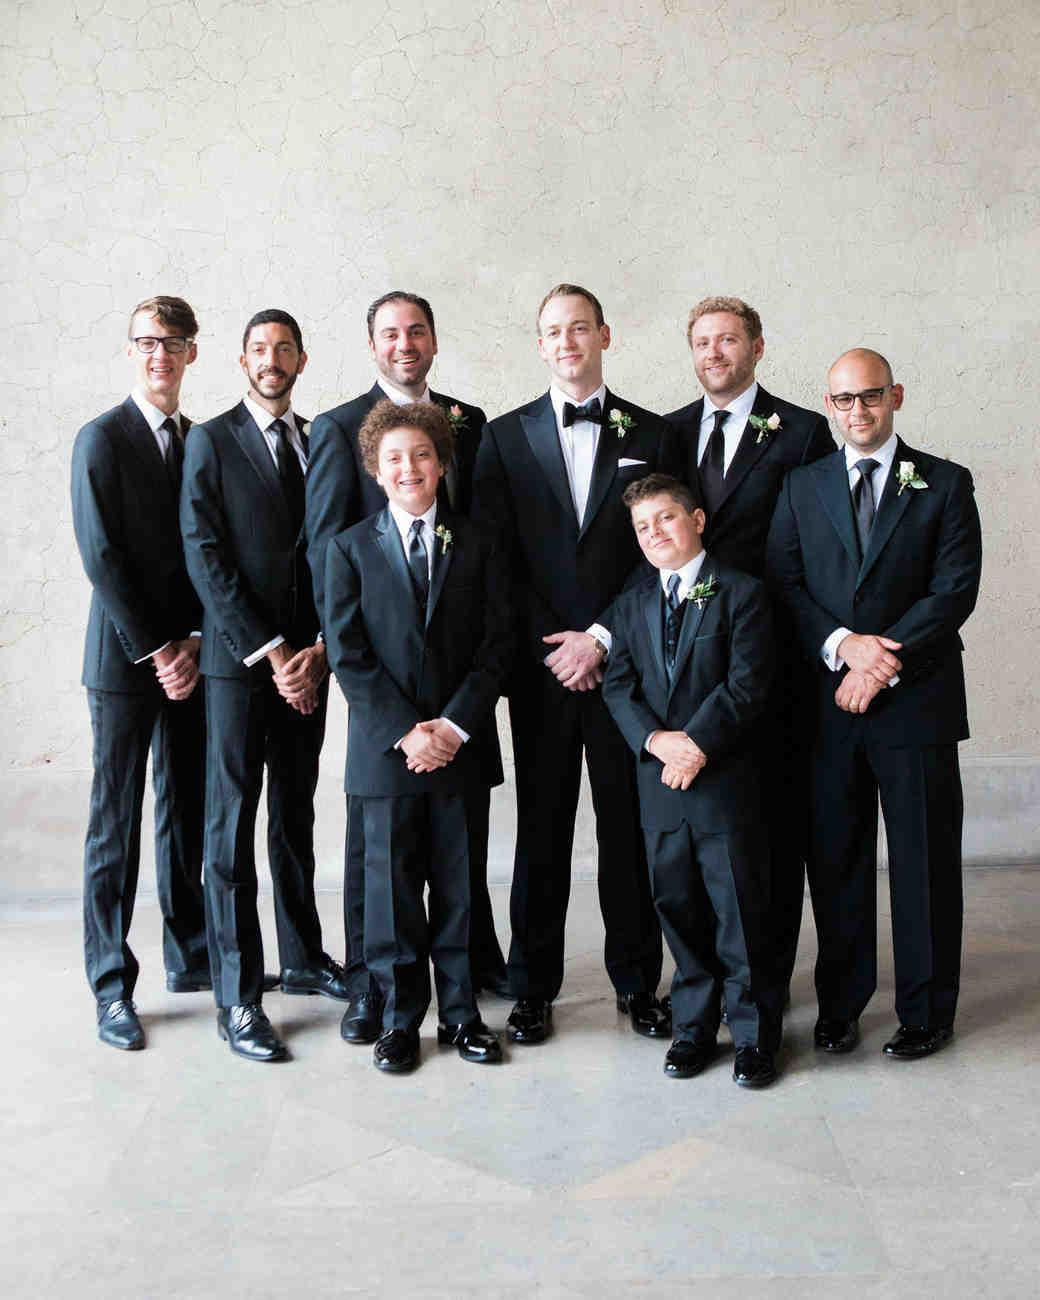 rebecca-david-wedding-new-york-groomsmen-149-d112241.jpg